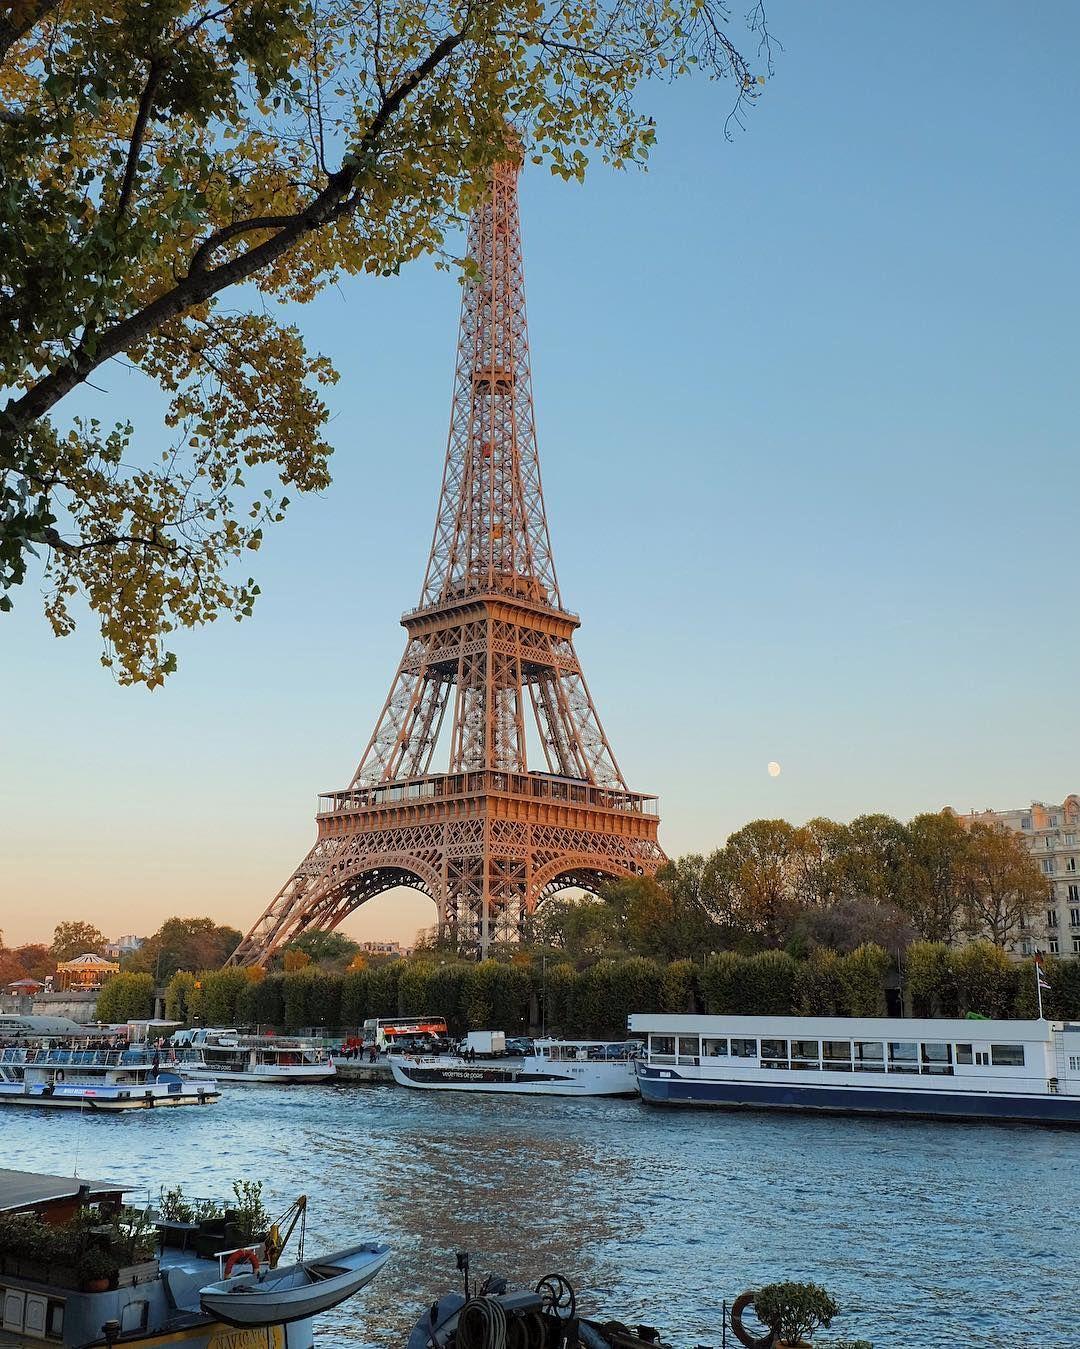 Eiffel Tower Paris France Pemandangan Menara Eiffel Menara